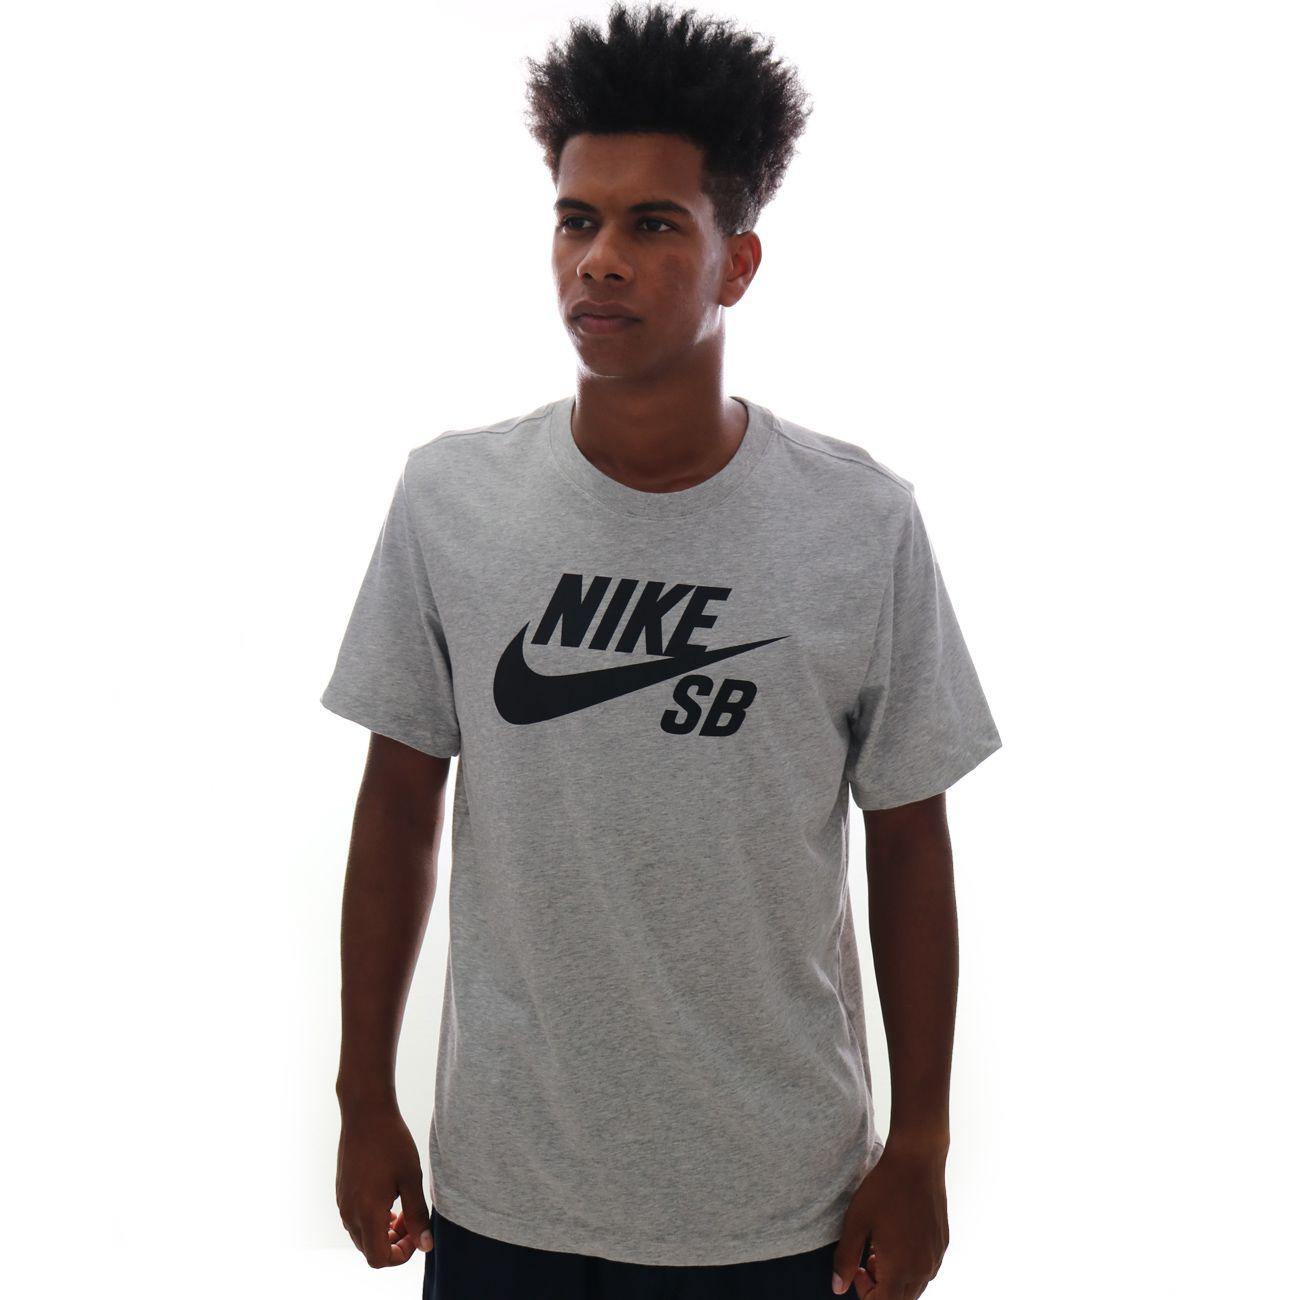 rendimiento superior promoción especial online Camiseta Nike SB Dri-fit Tee | Sportime